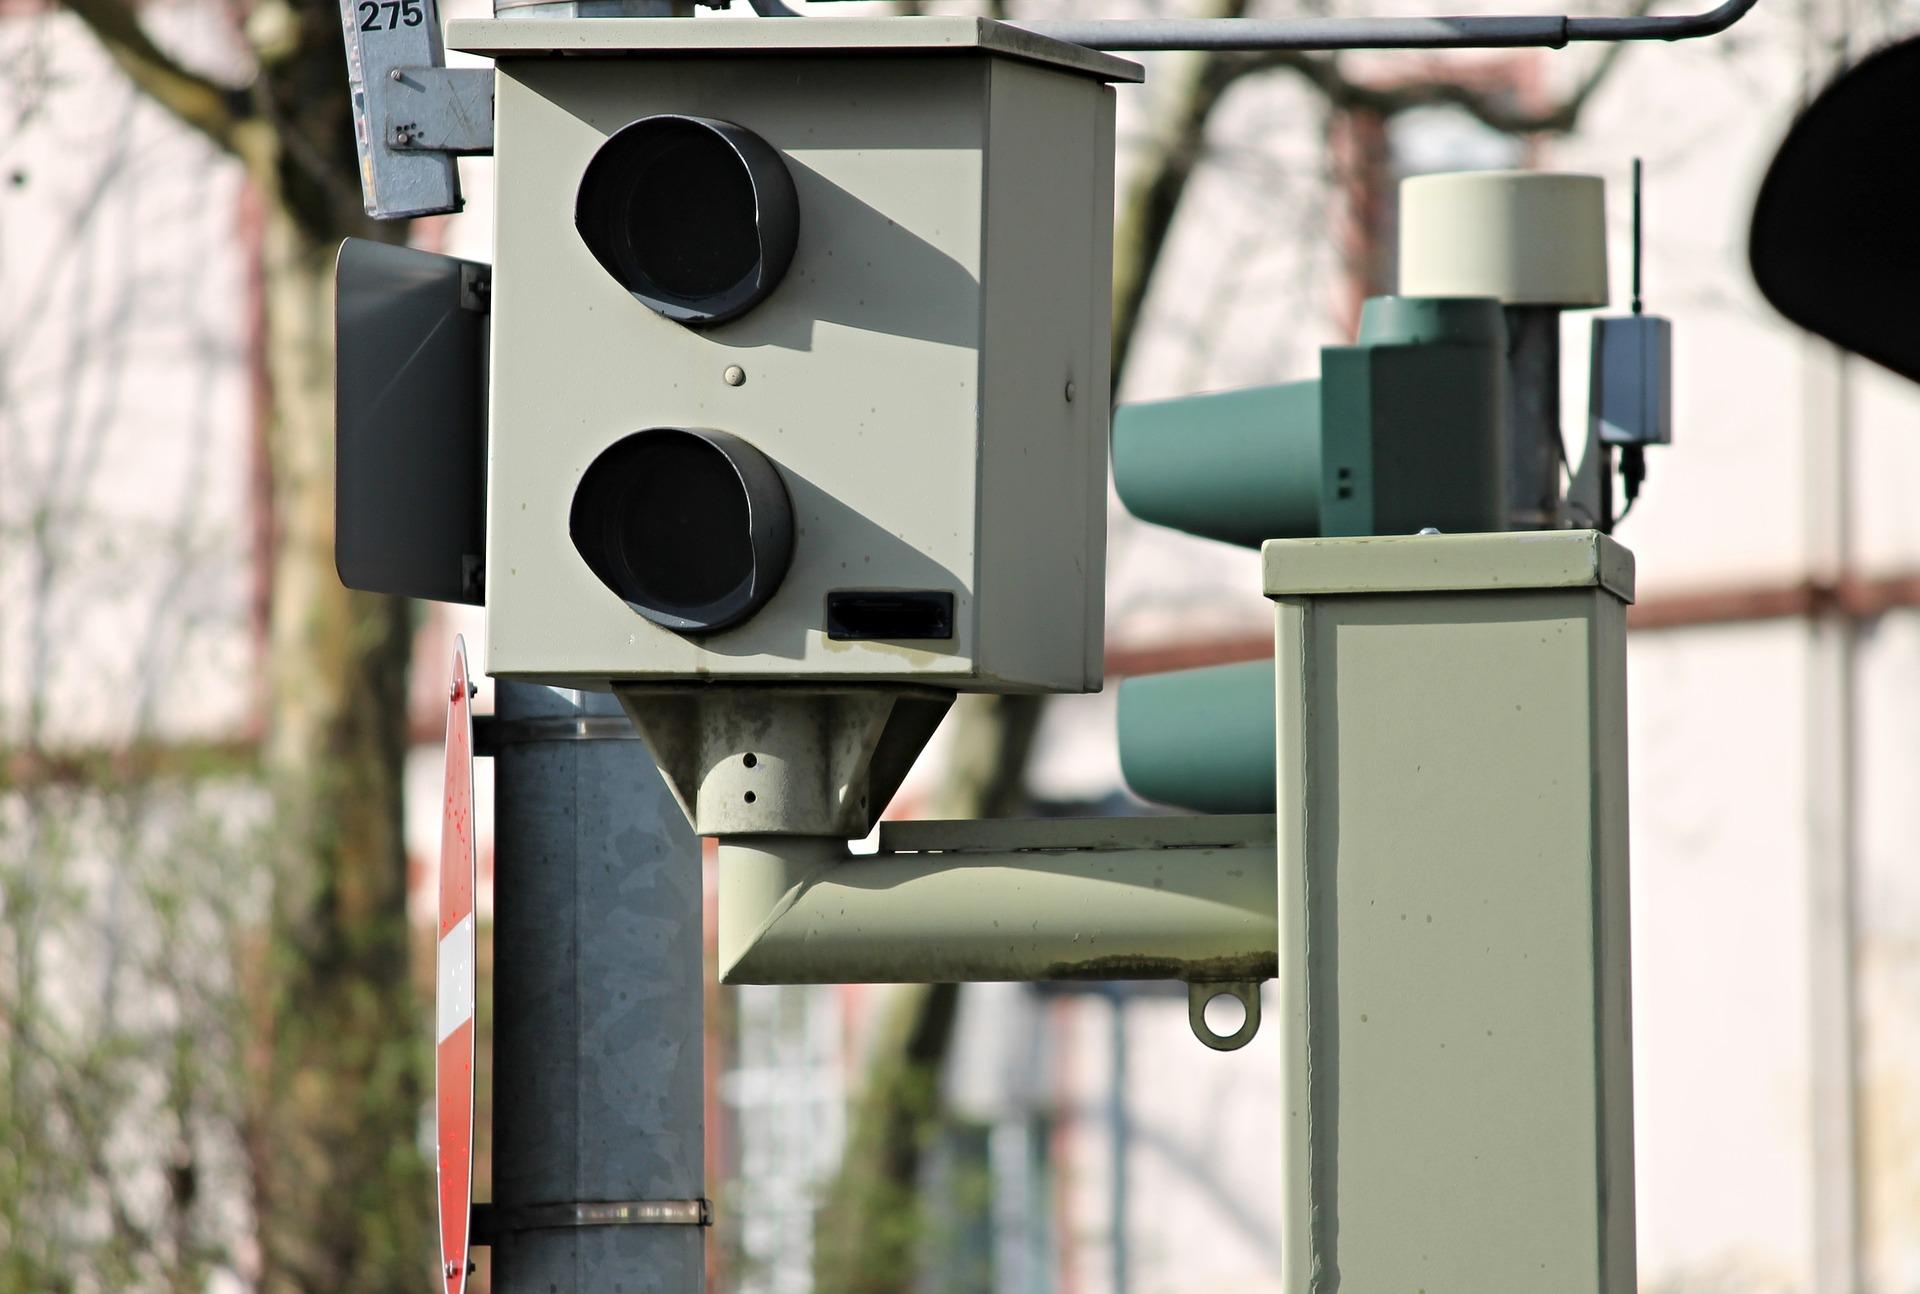 تطبيق TomTom للملاحة وكشف الرادارات و الحوادث المرورية